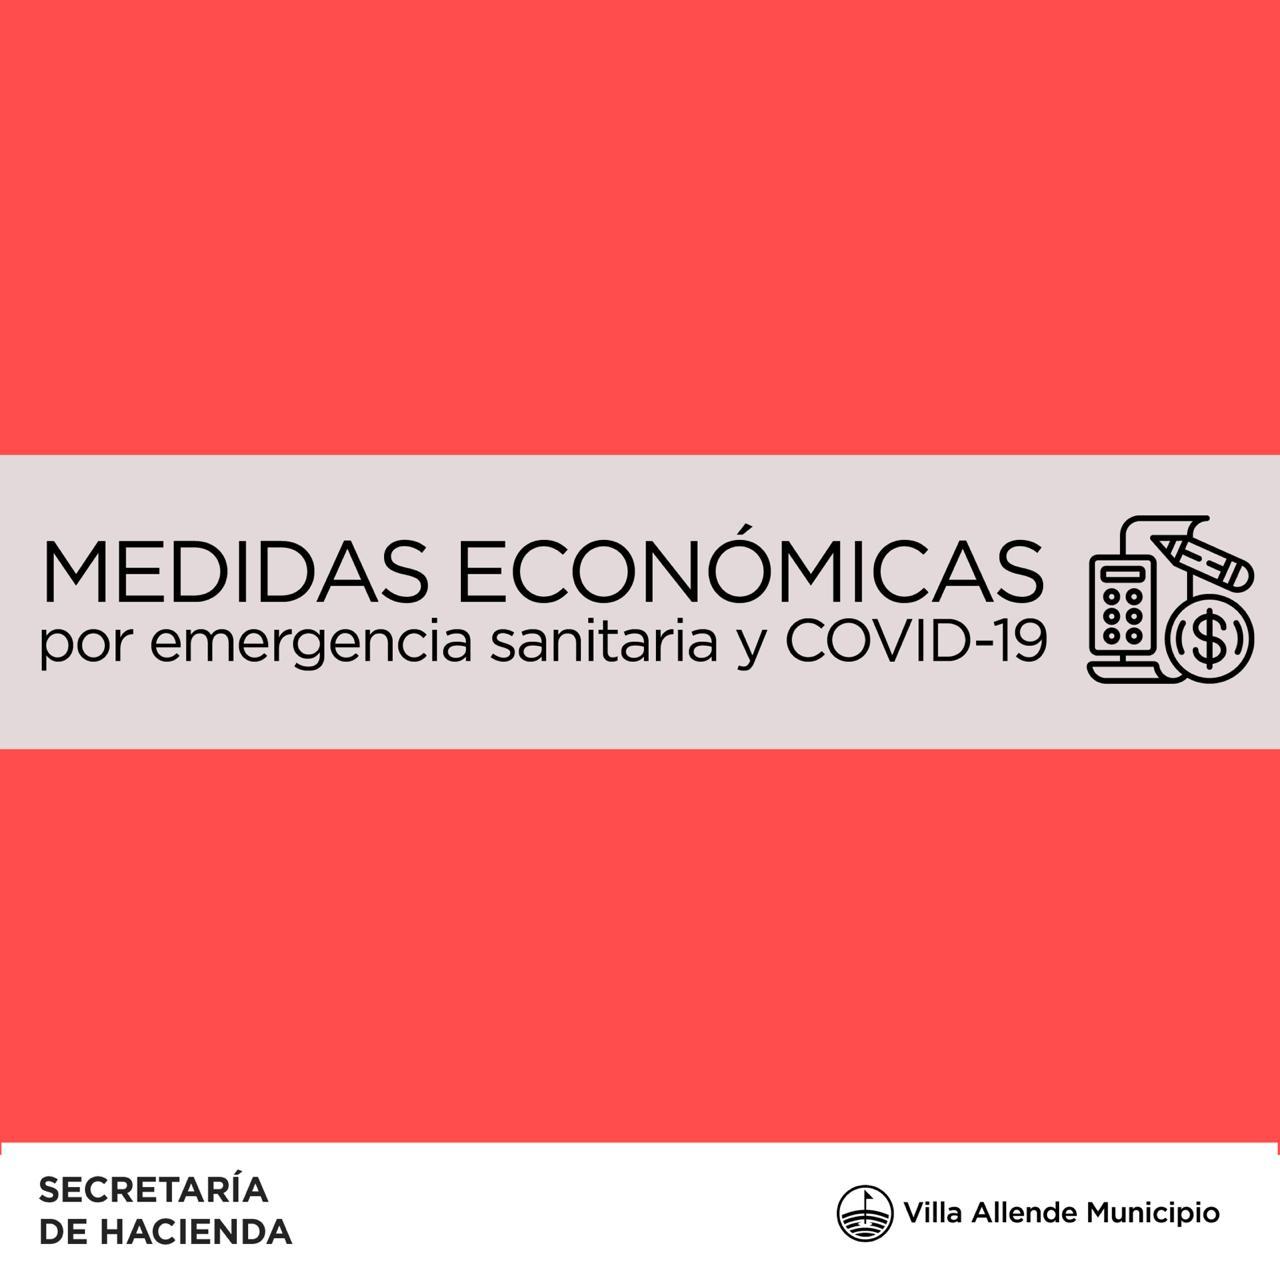 VILLA ALLENDE: MEDIDAS ECONÓMICAS POR COVID—19